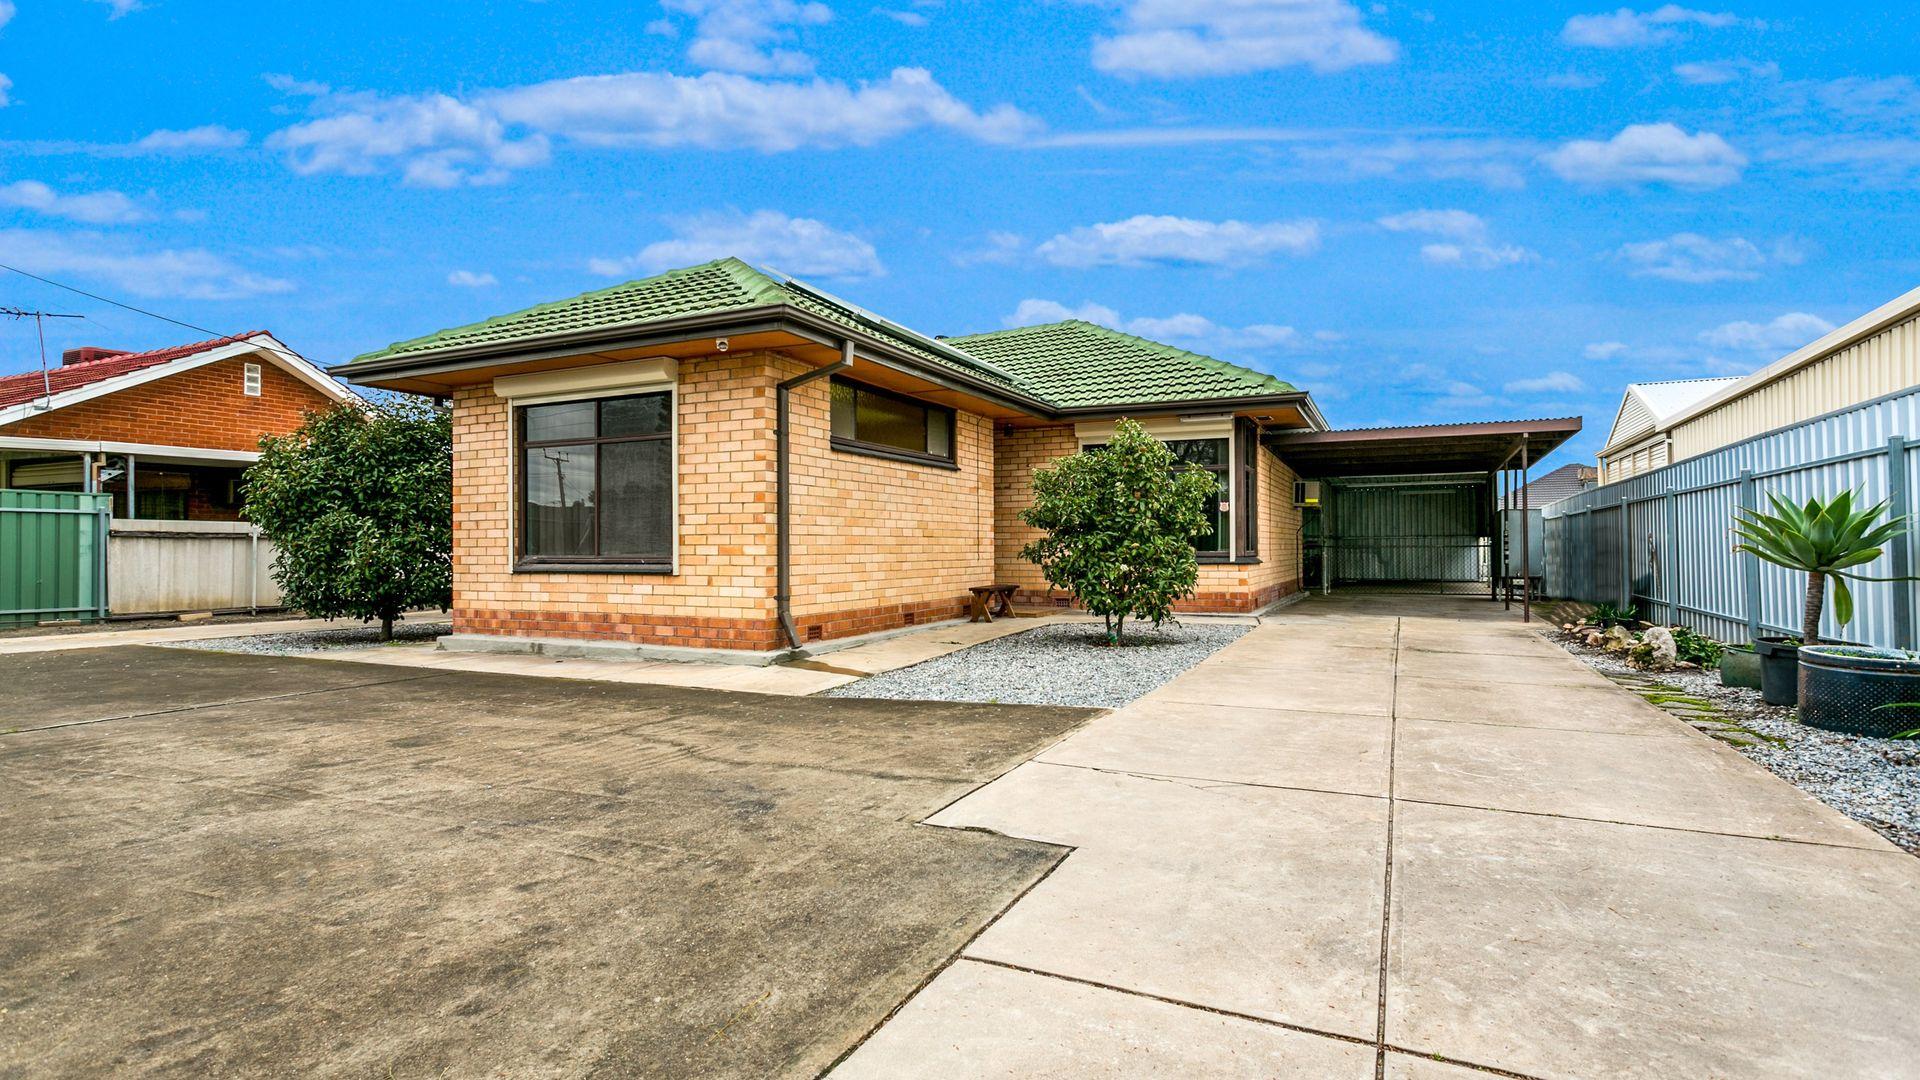 509 Victoria Road, Osborne SA 5017, Image 1